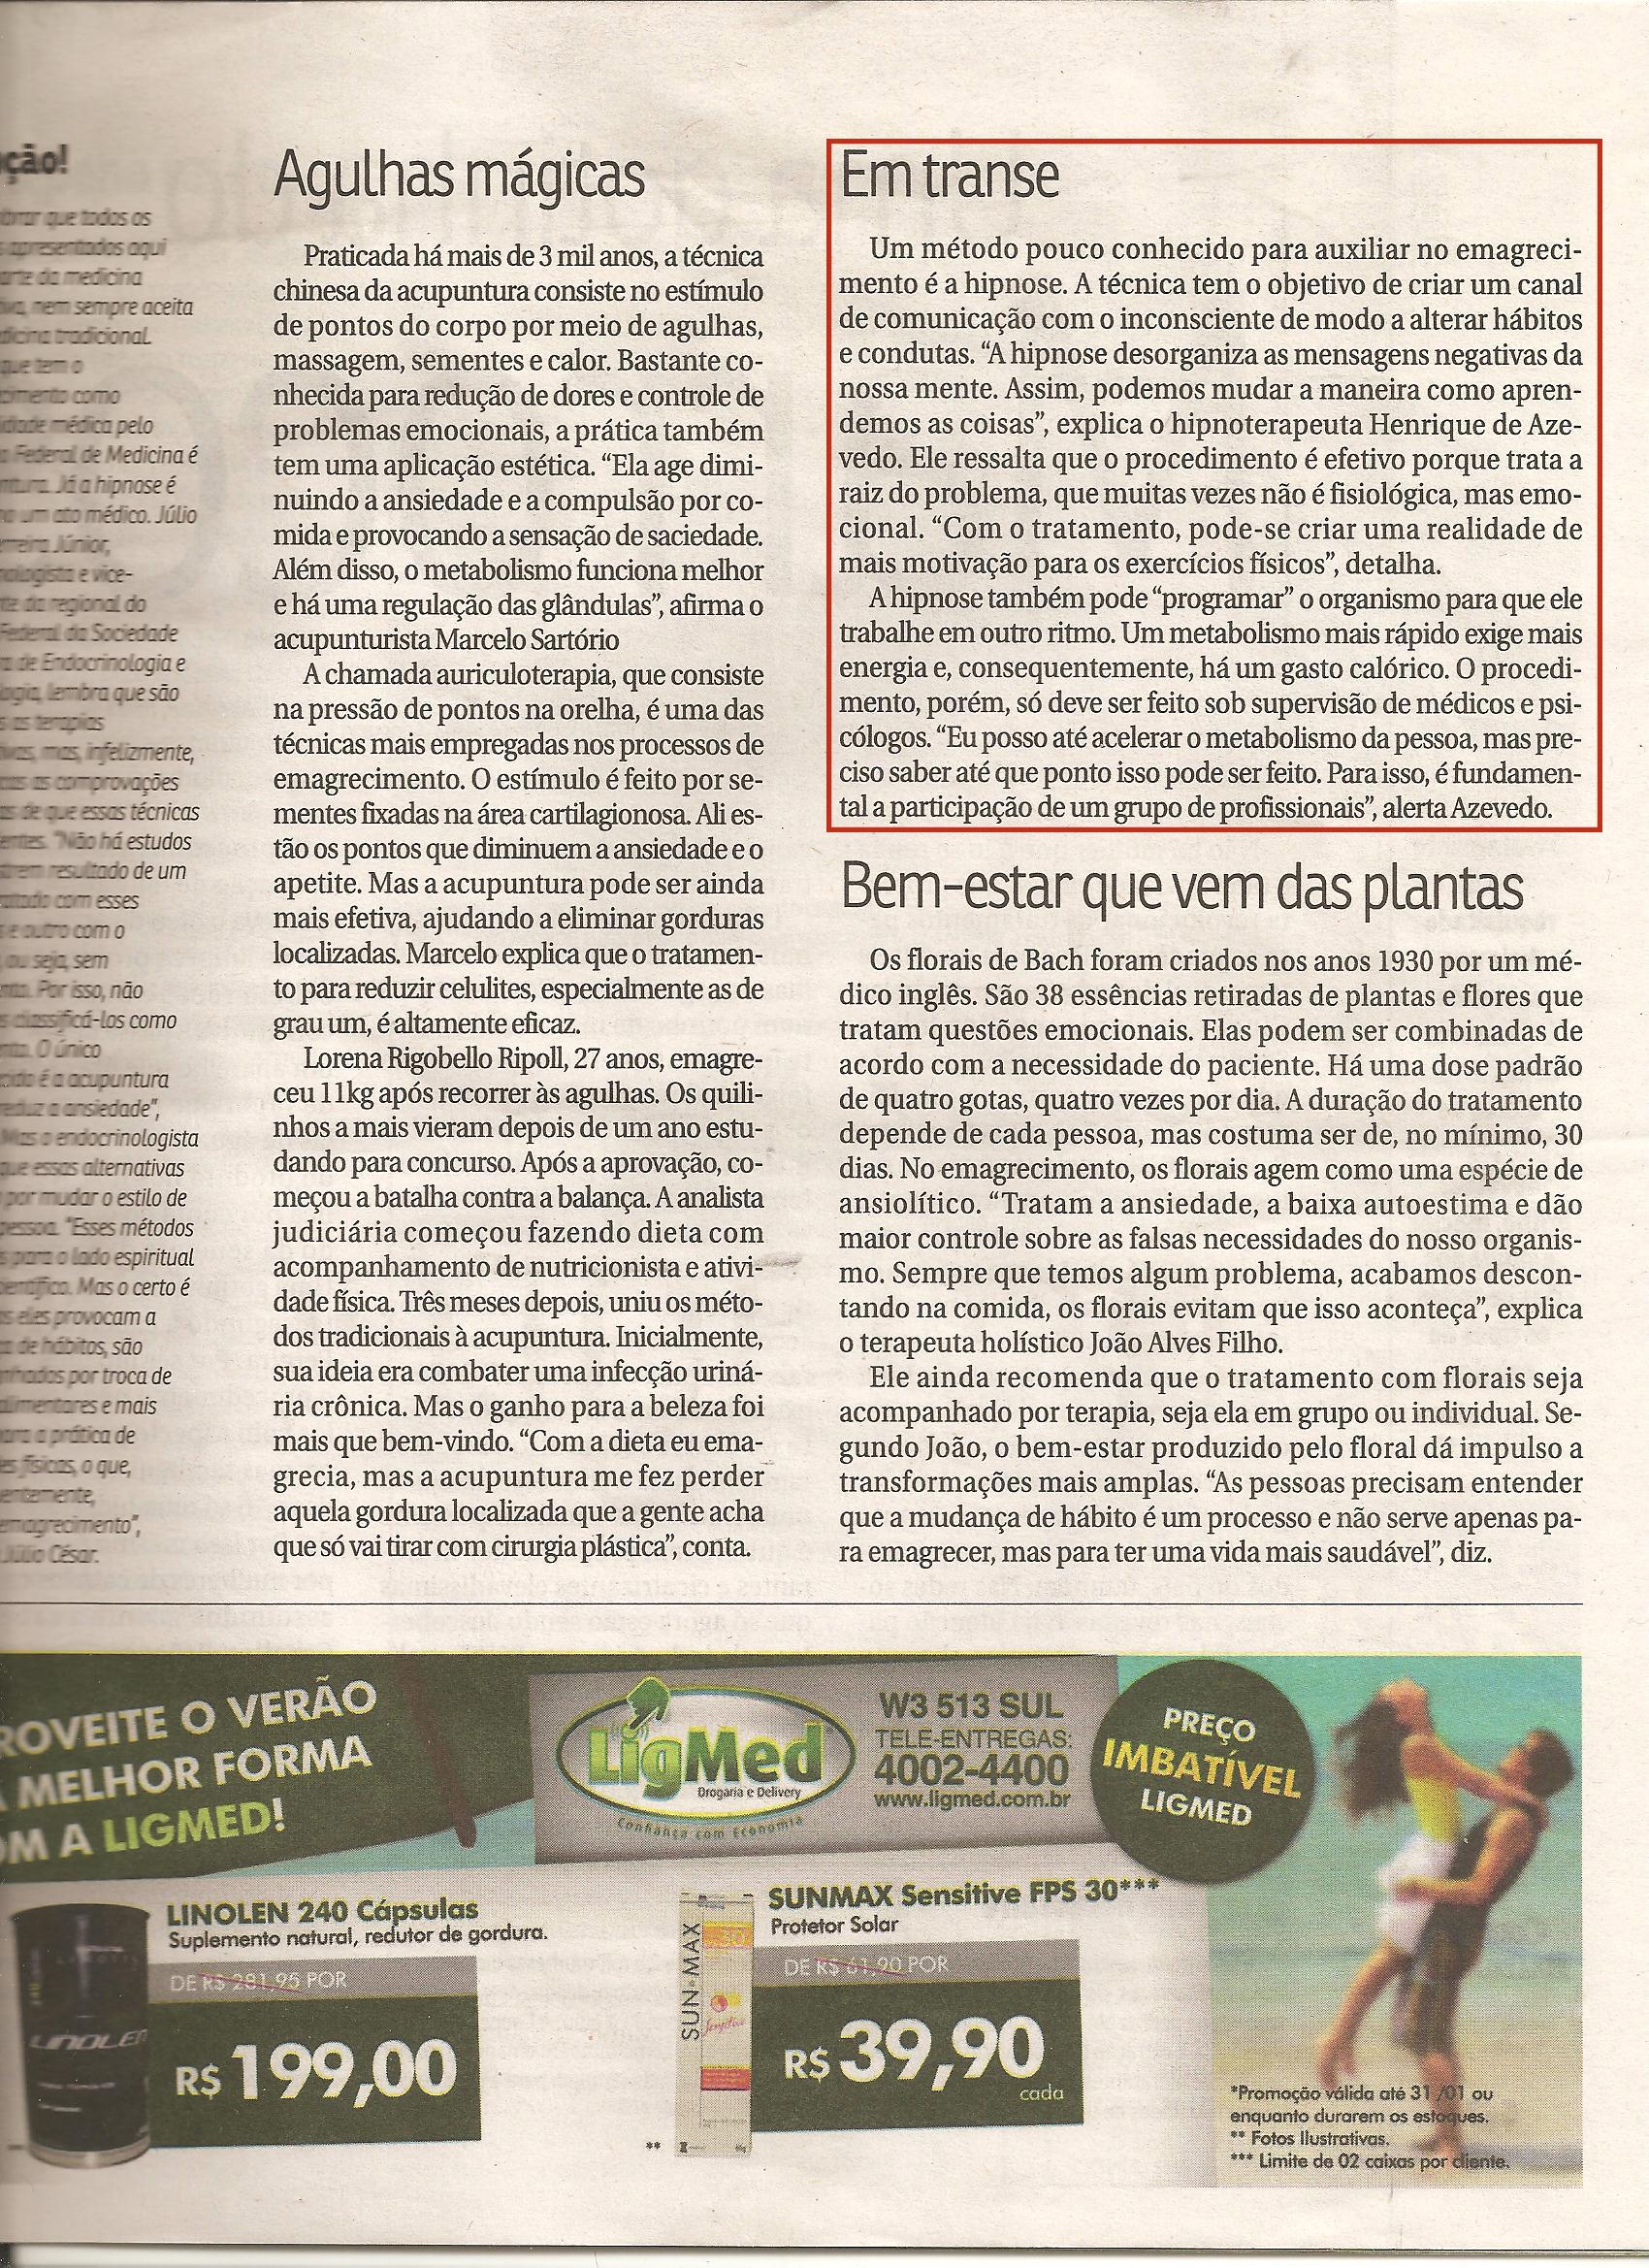 Hipnoticus - Henrique de Azevêdo no Correio Braziliense 002 - 31/12/2010 - Hipnose no Emagrecimento